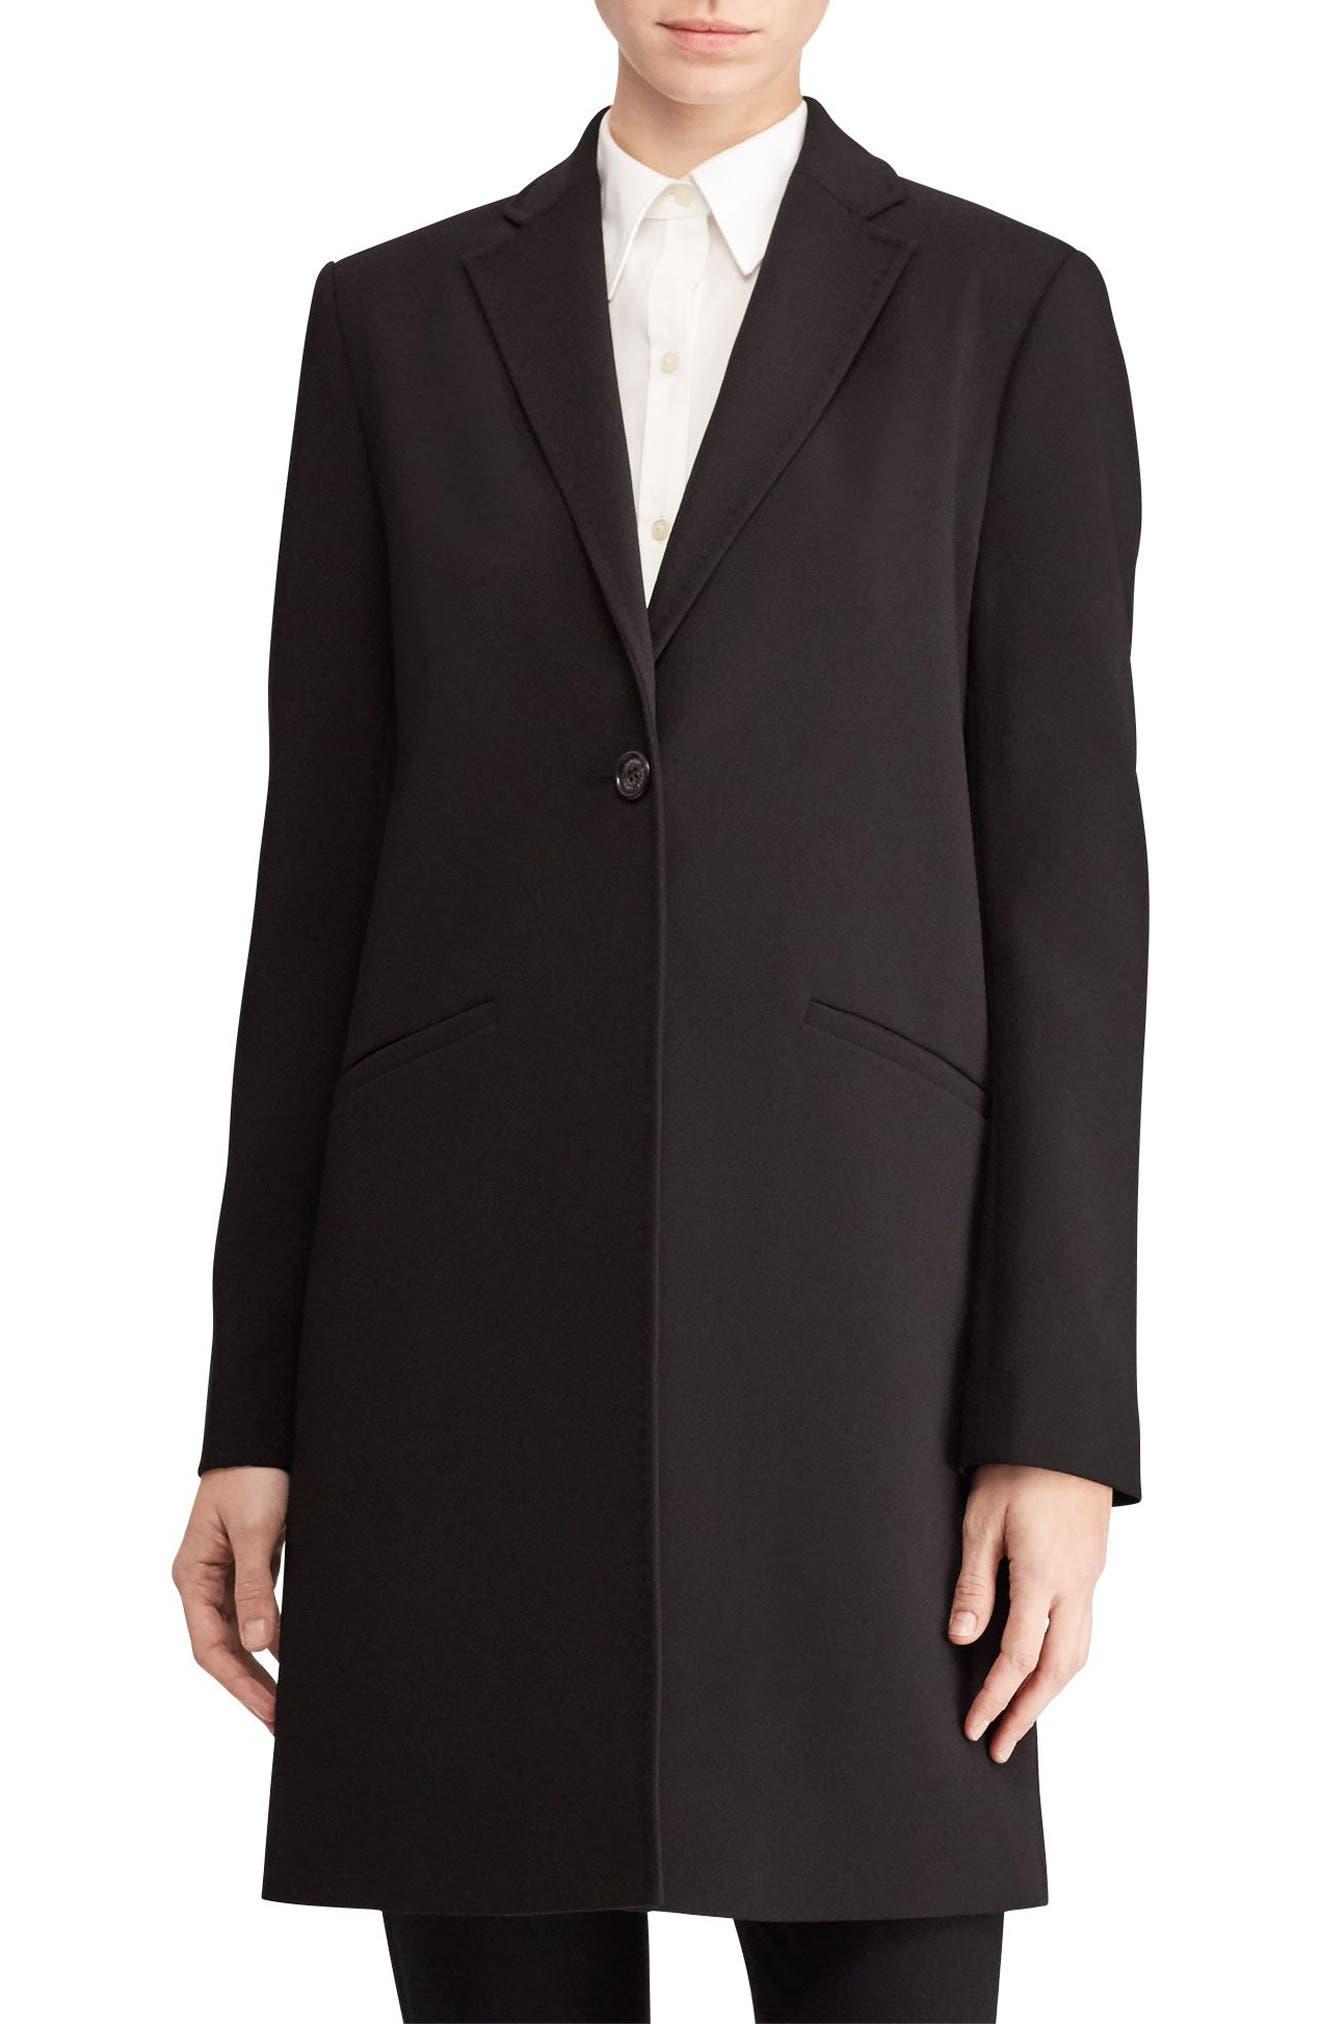 Main Image - Lauren Ralph Lauren Crepe Reefer Coat (Petite)